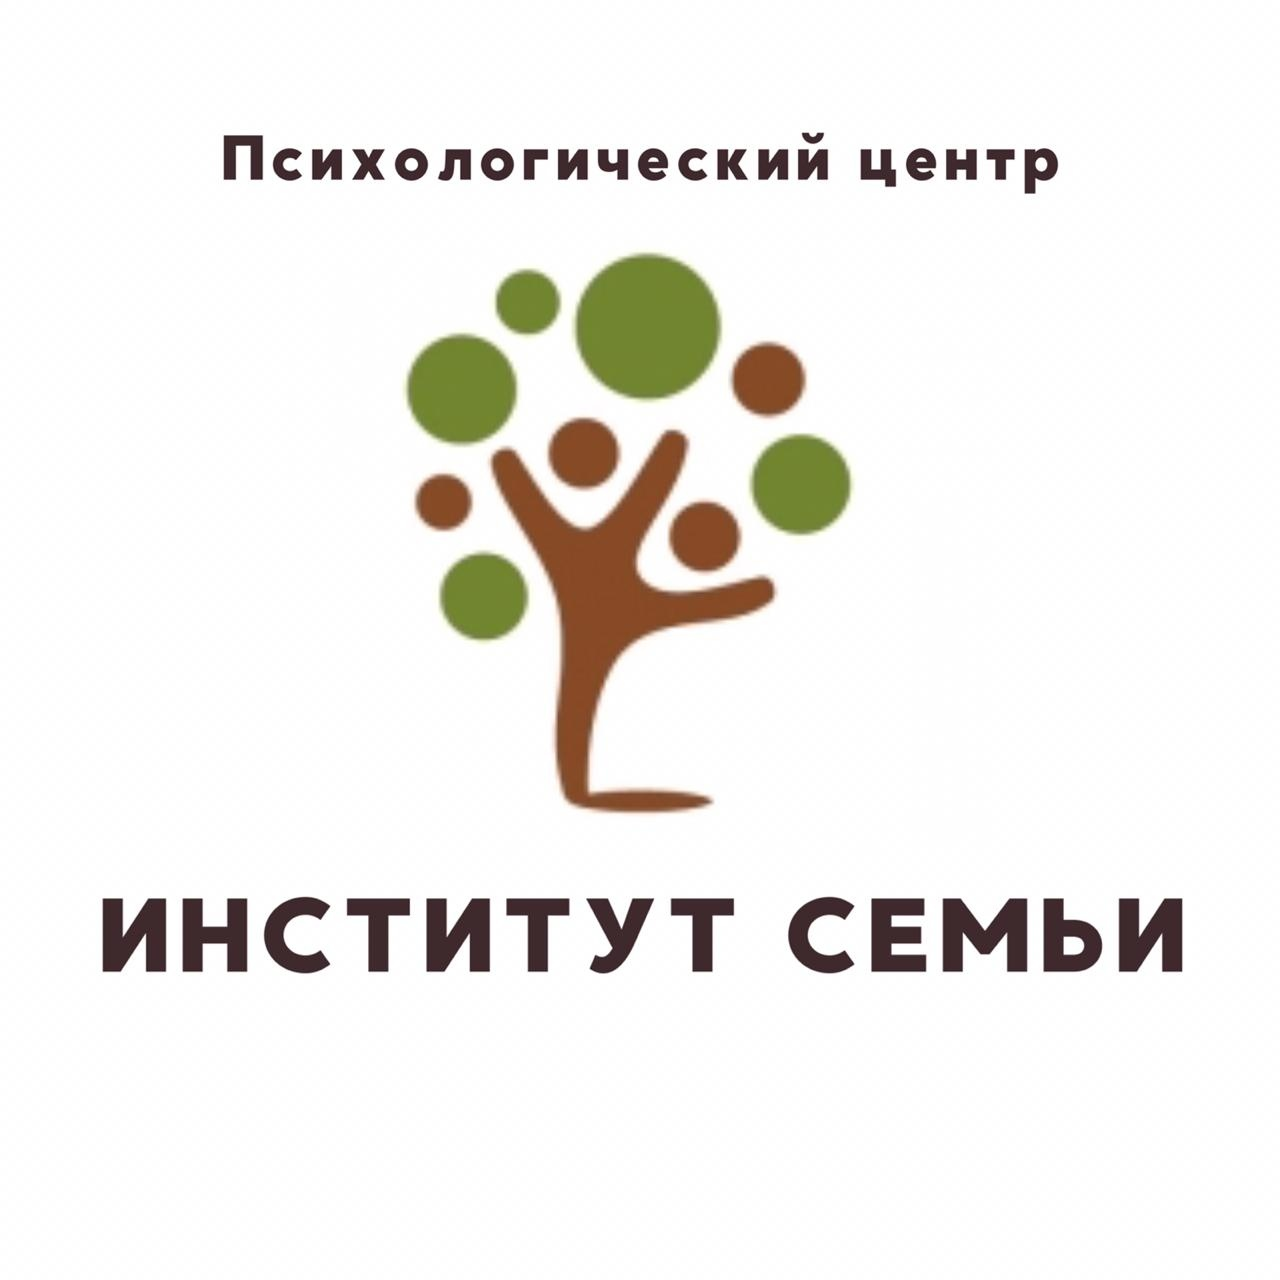 """Психологический центр """"Институт семьи"""""""